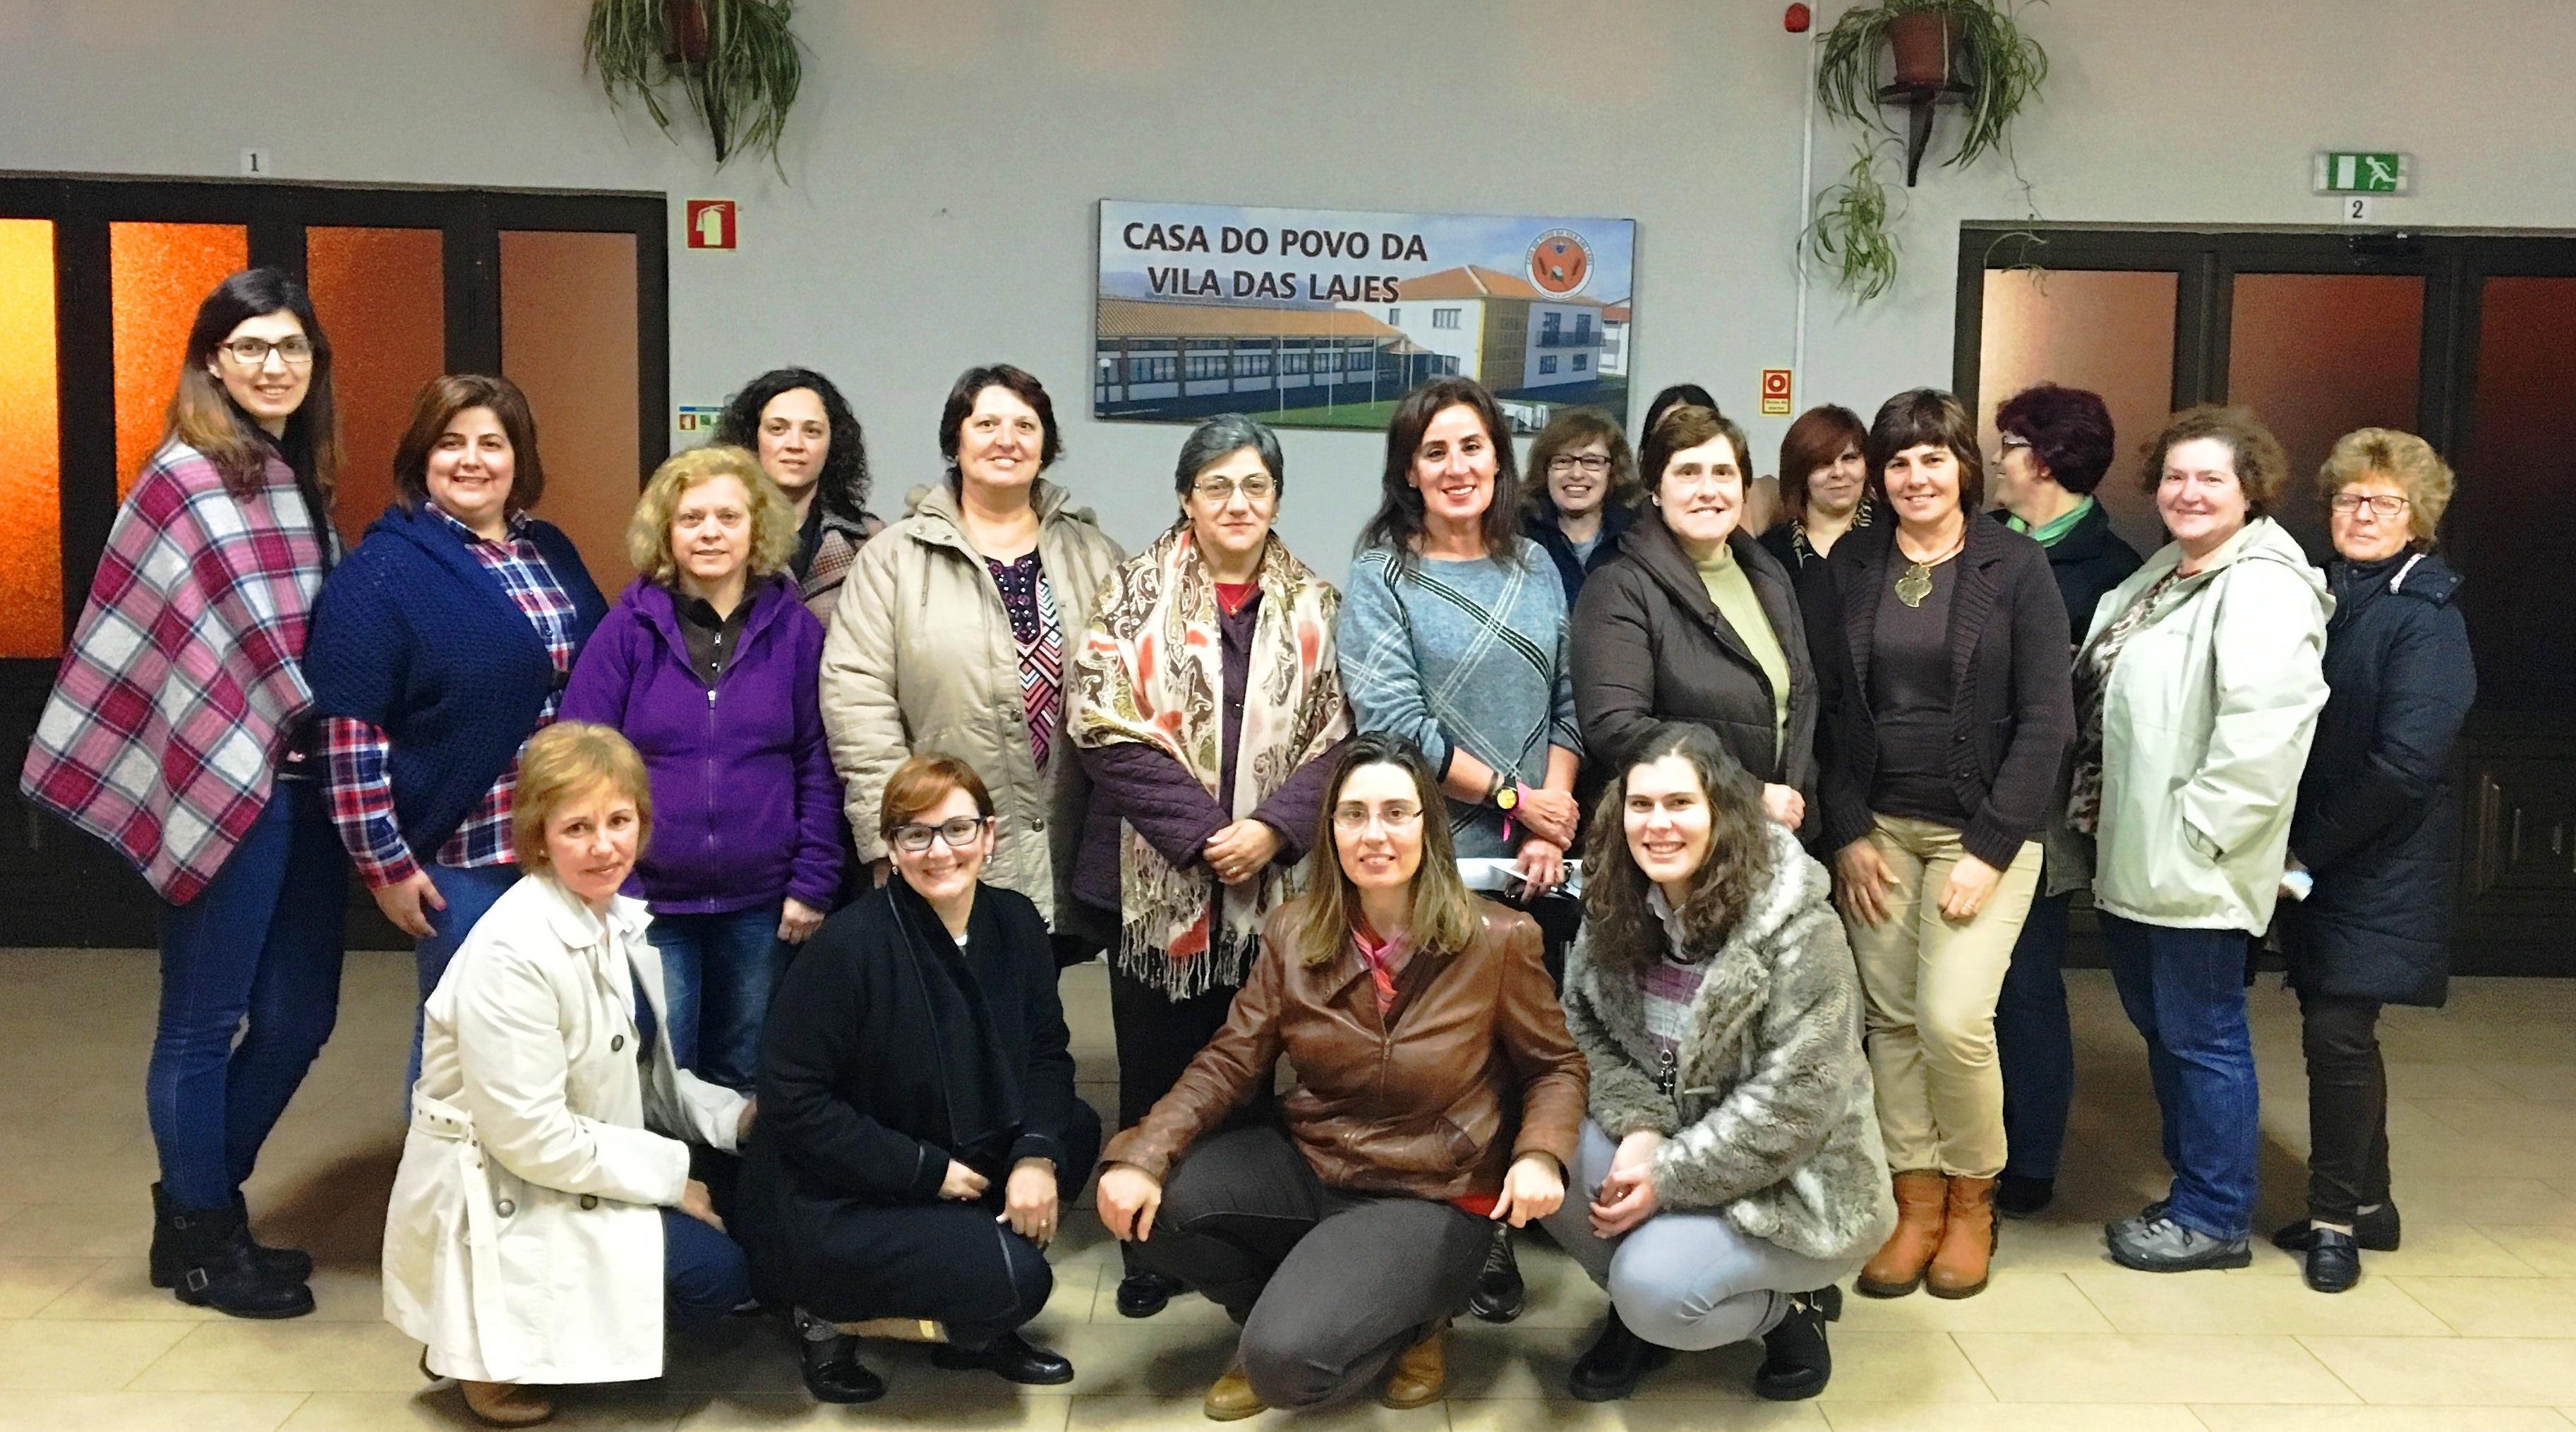 Participação das mulheres valoriza a cidadania ativa, considera Judite Parreira